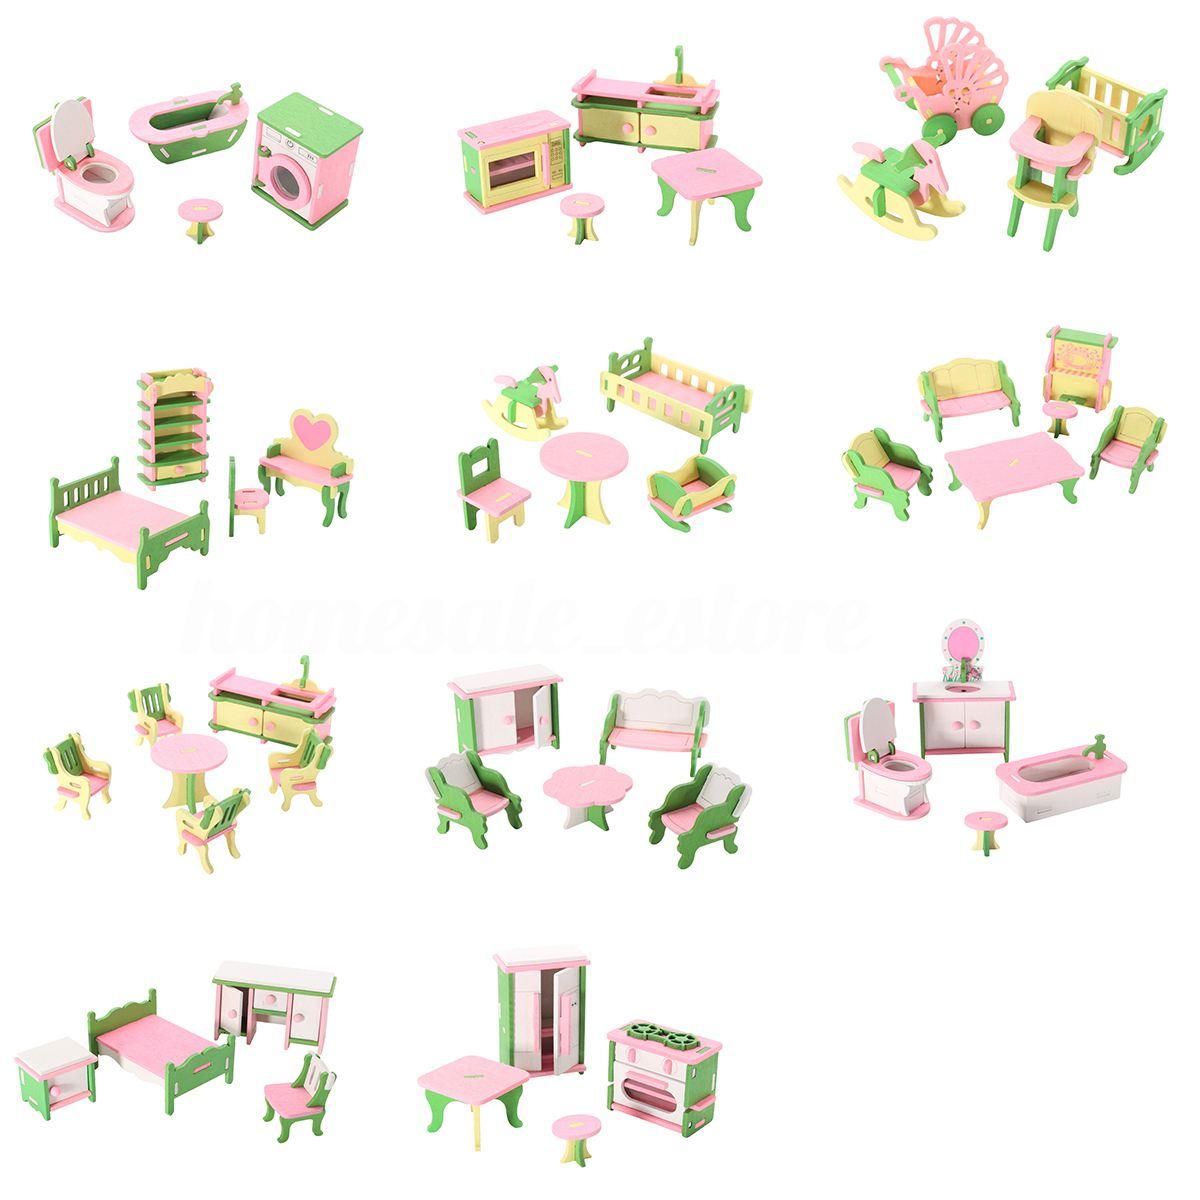 49 pièces 11 Ensembles Bébé meubles en bois Maison de Poupée Miniature Enfant Jouer Jouets Cadeaux